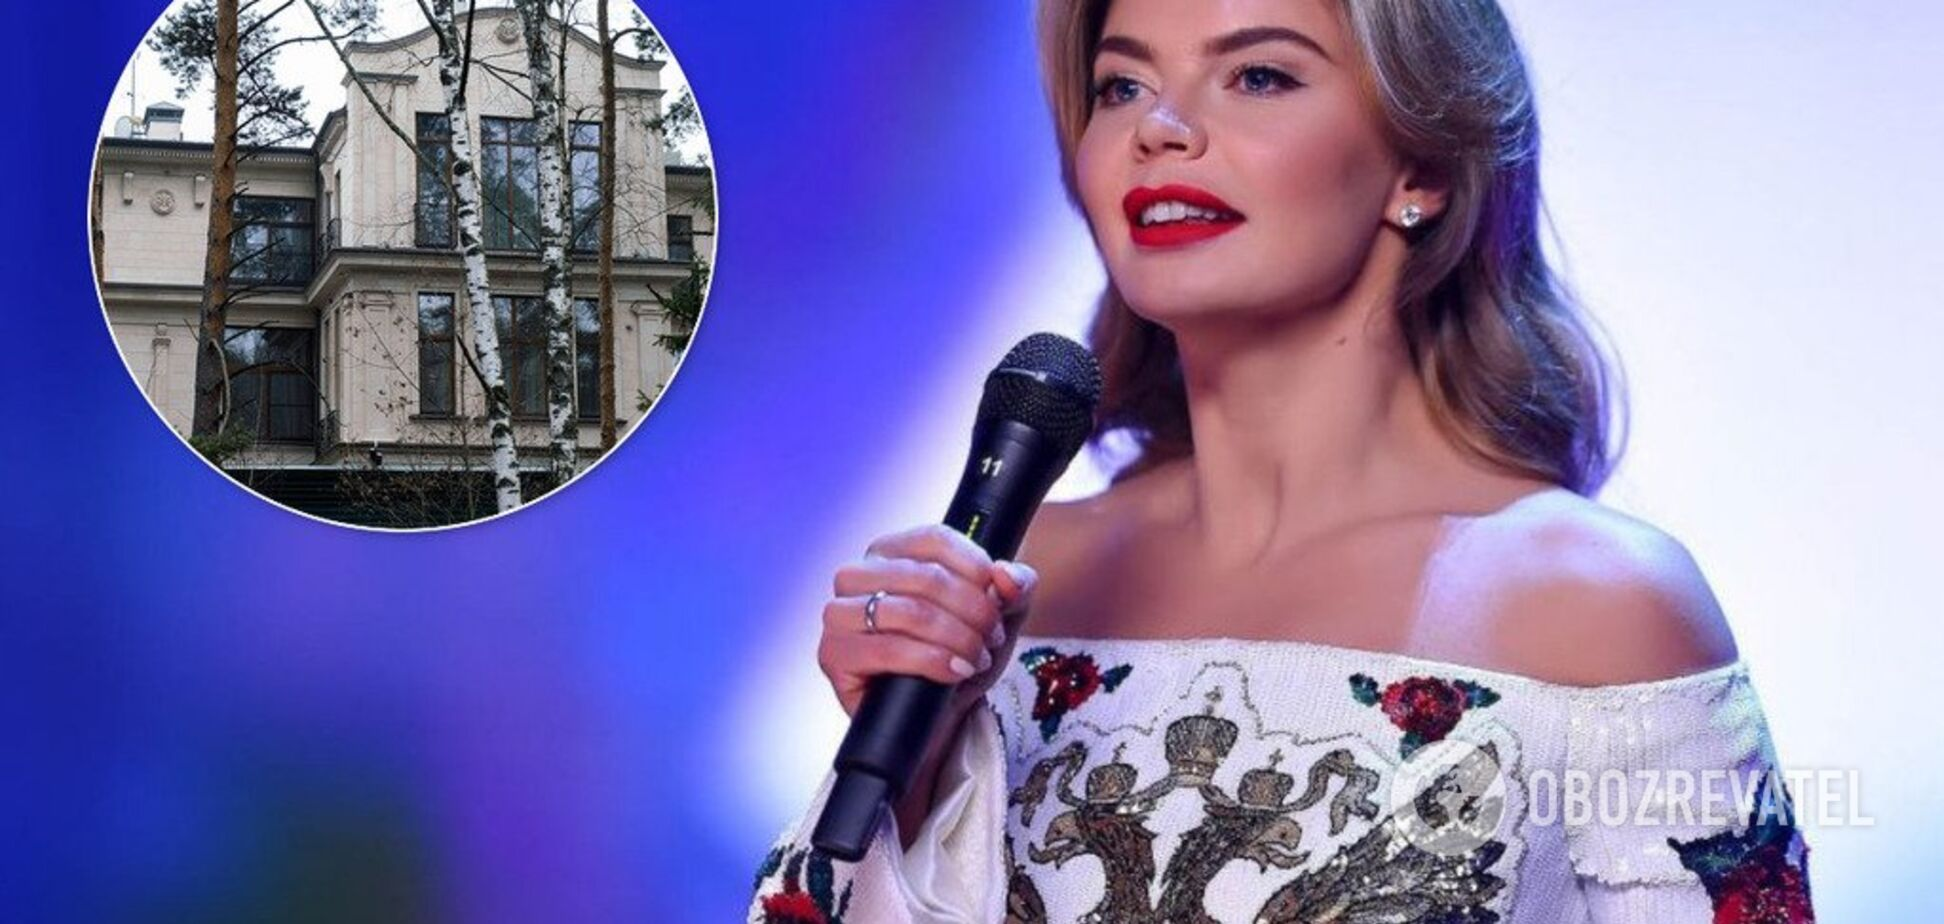 Любовница Путина купила землю на элитной Рублевке: что известно о ее состоянии